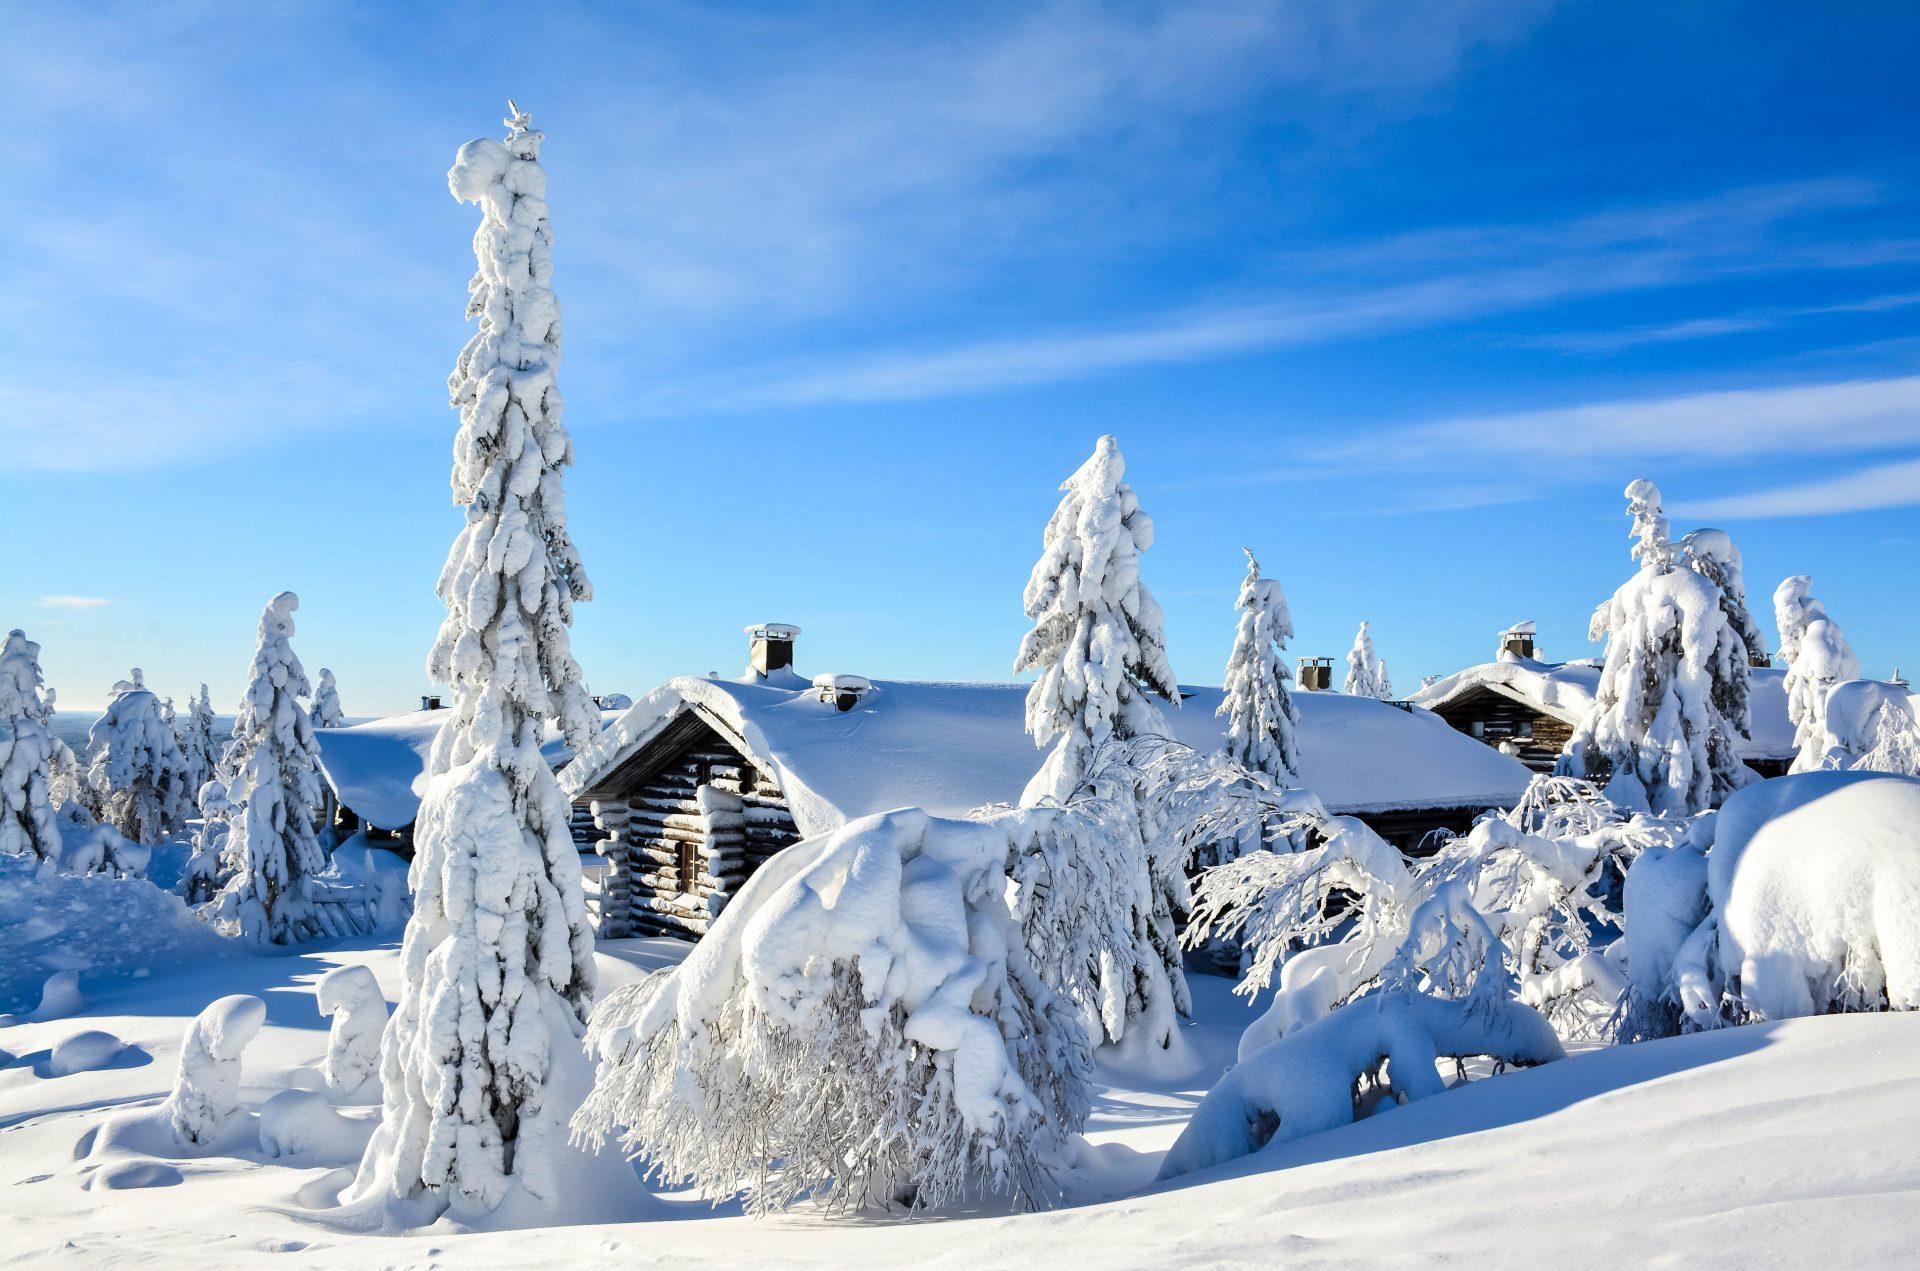 Eine verschneite Hütte in Winterlandschaft